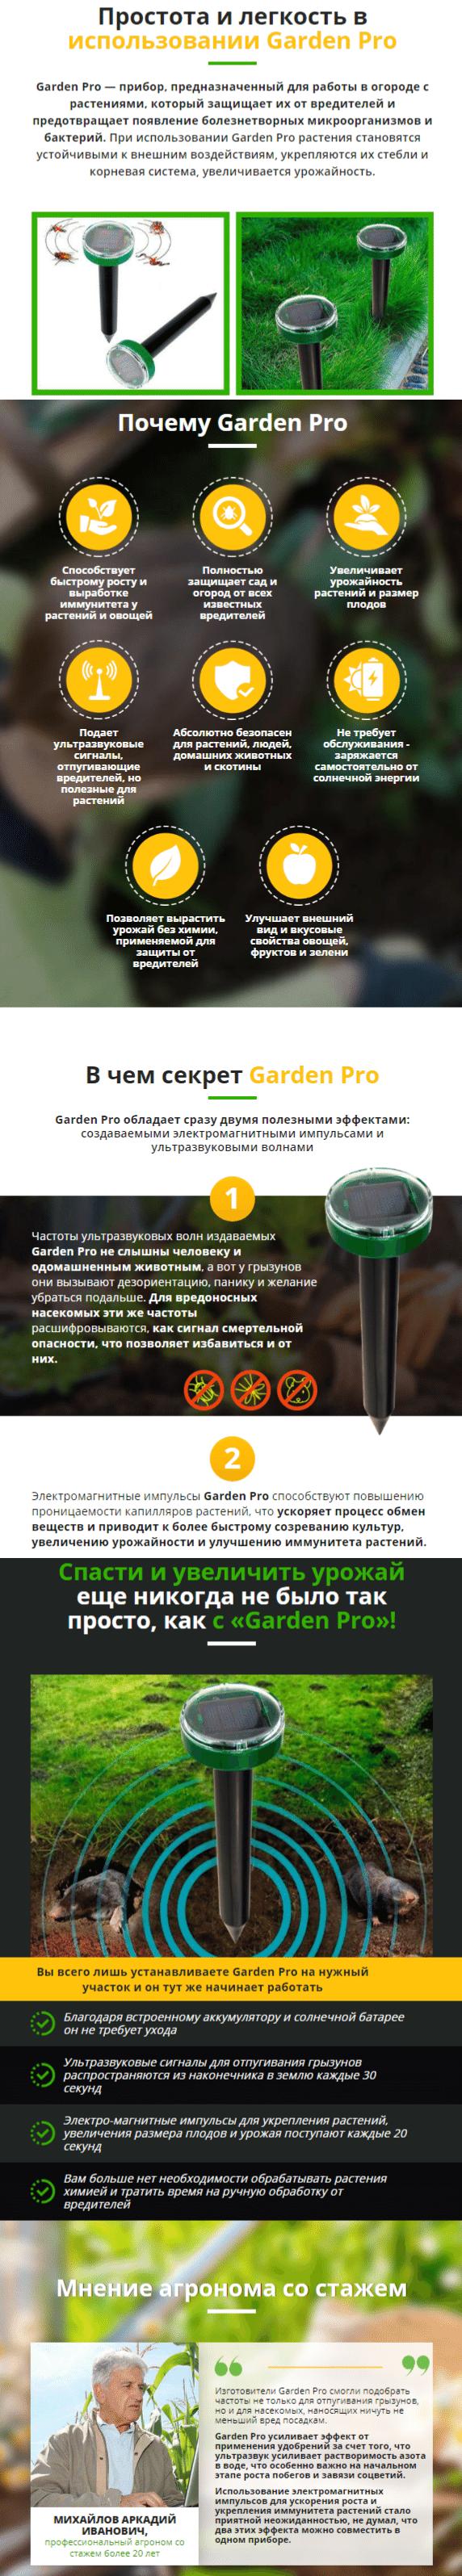 Garden Pro — отпугиватель вредителей купить